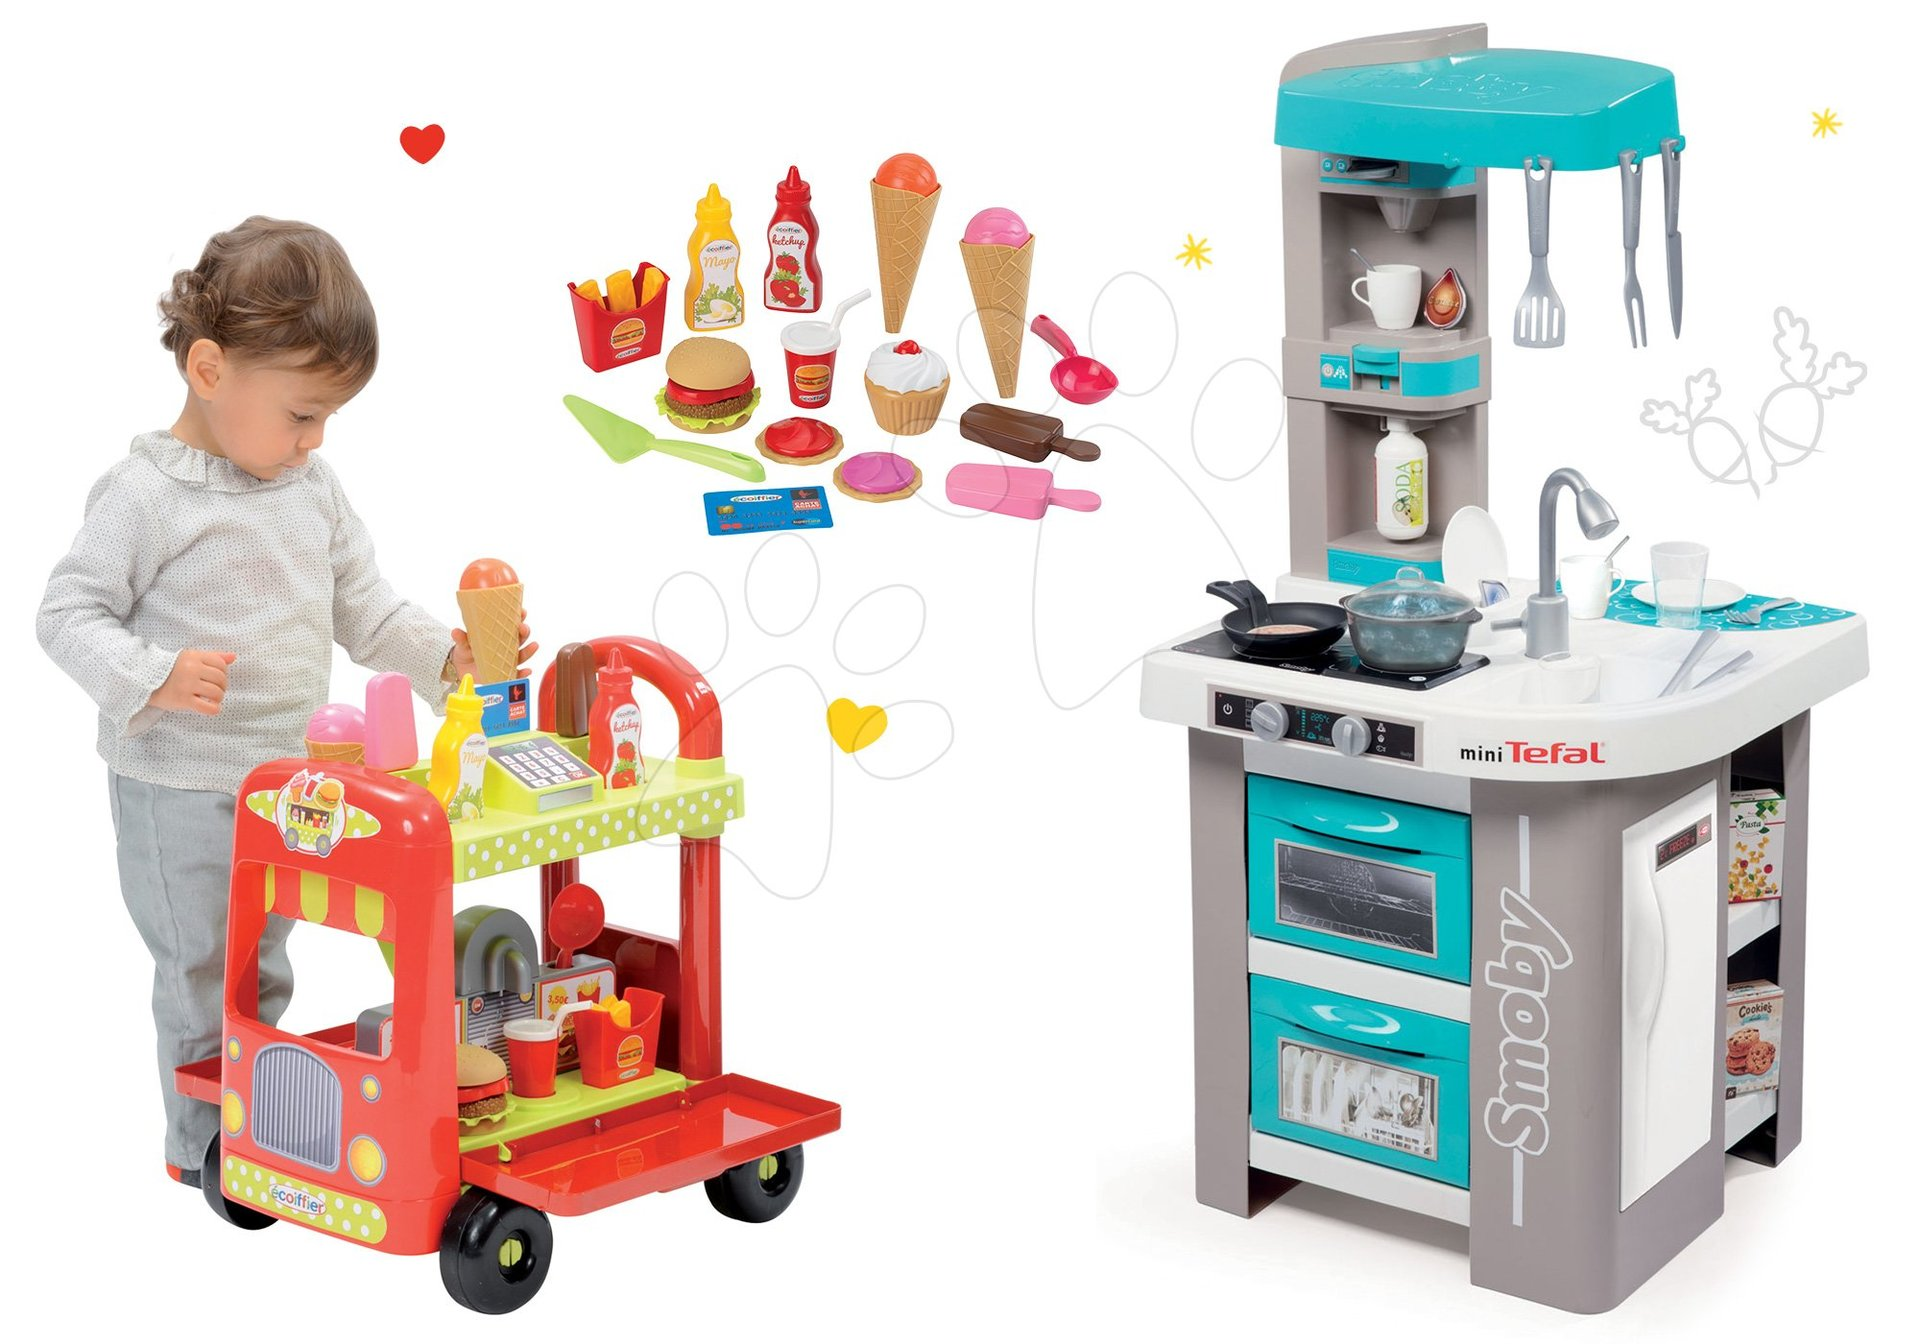 Smoby set elektronická kuchyňka Tefal Studio Bubble tyrkysová a zmrzlinářský vozík s hamburgery 311023-10